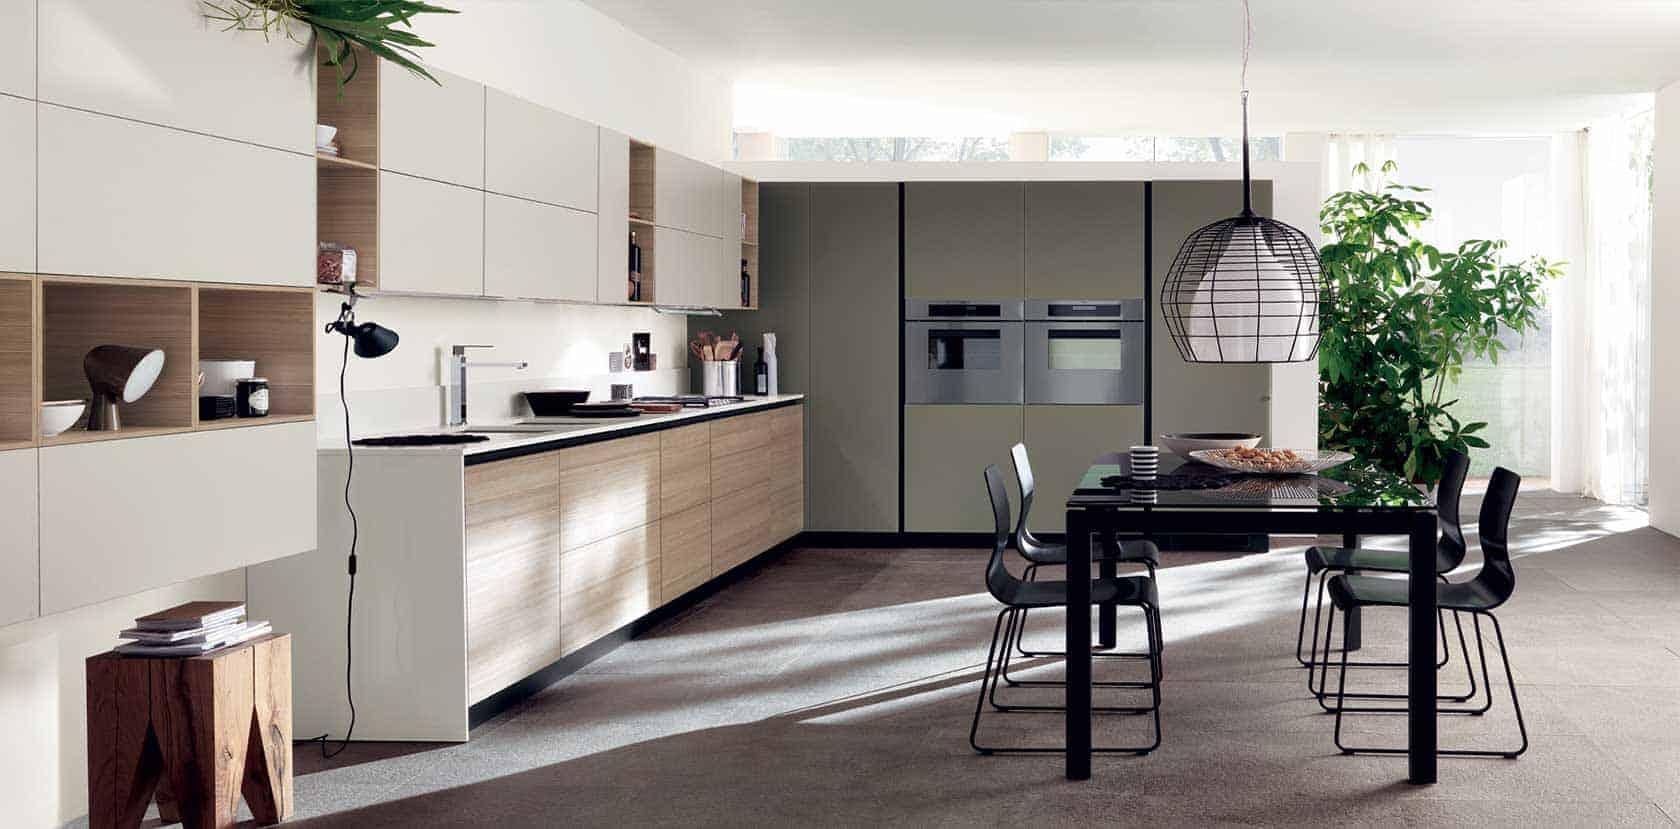 Modern kitchen designs melbourne for Kitchen designs melbourne